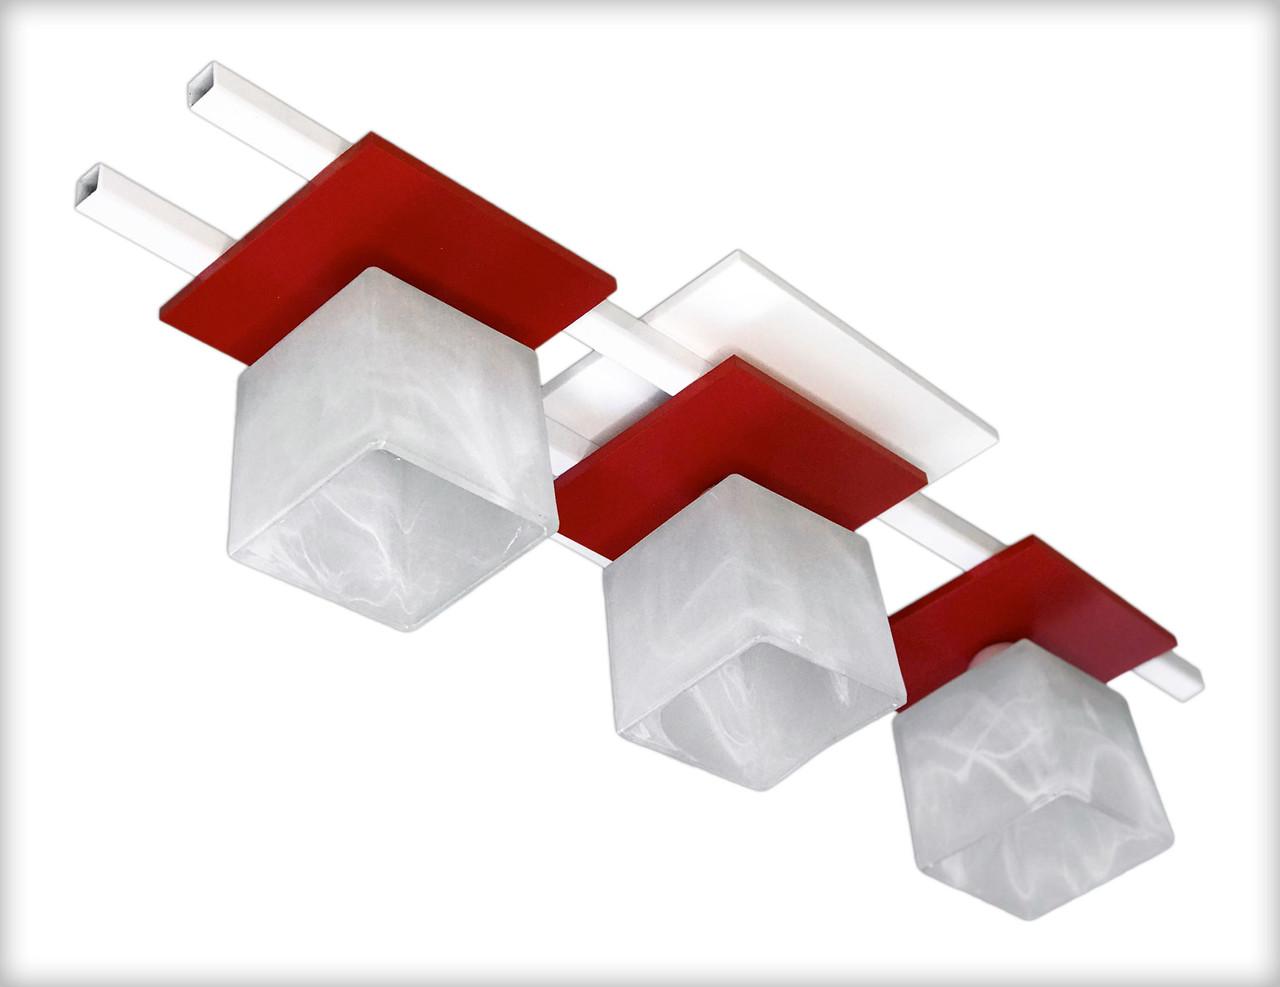 Люстра потолочная Данко 2604-6 бело красная